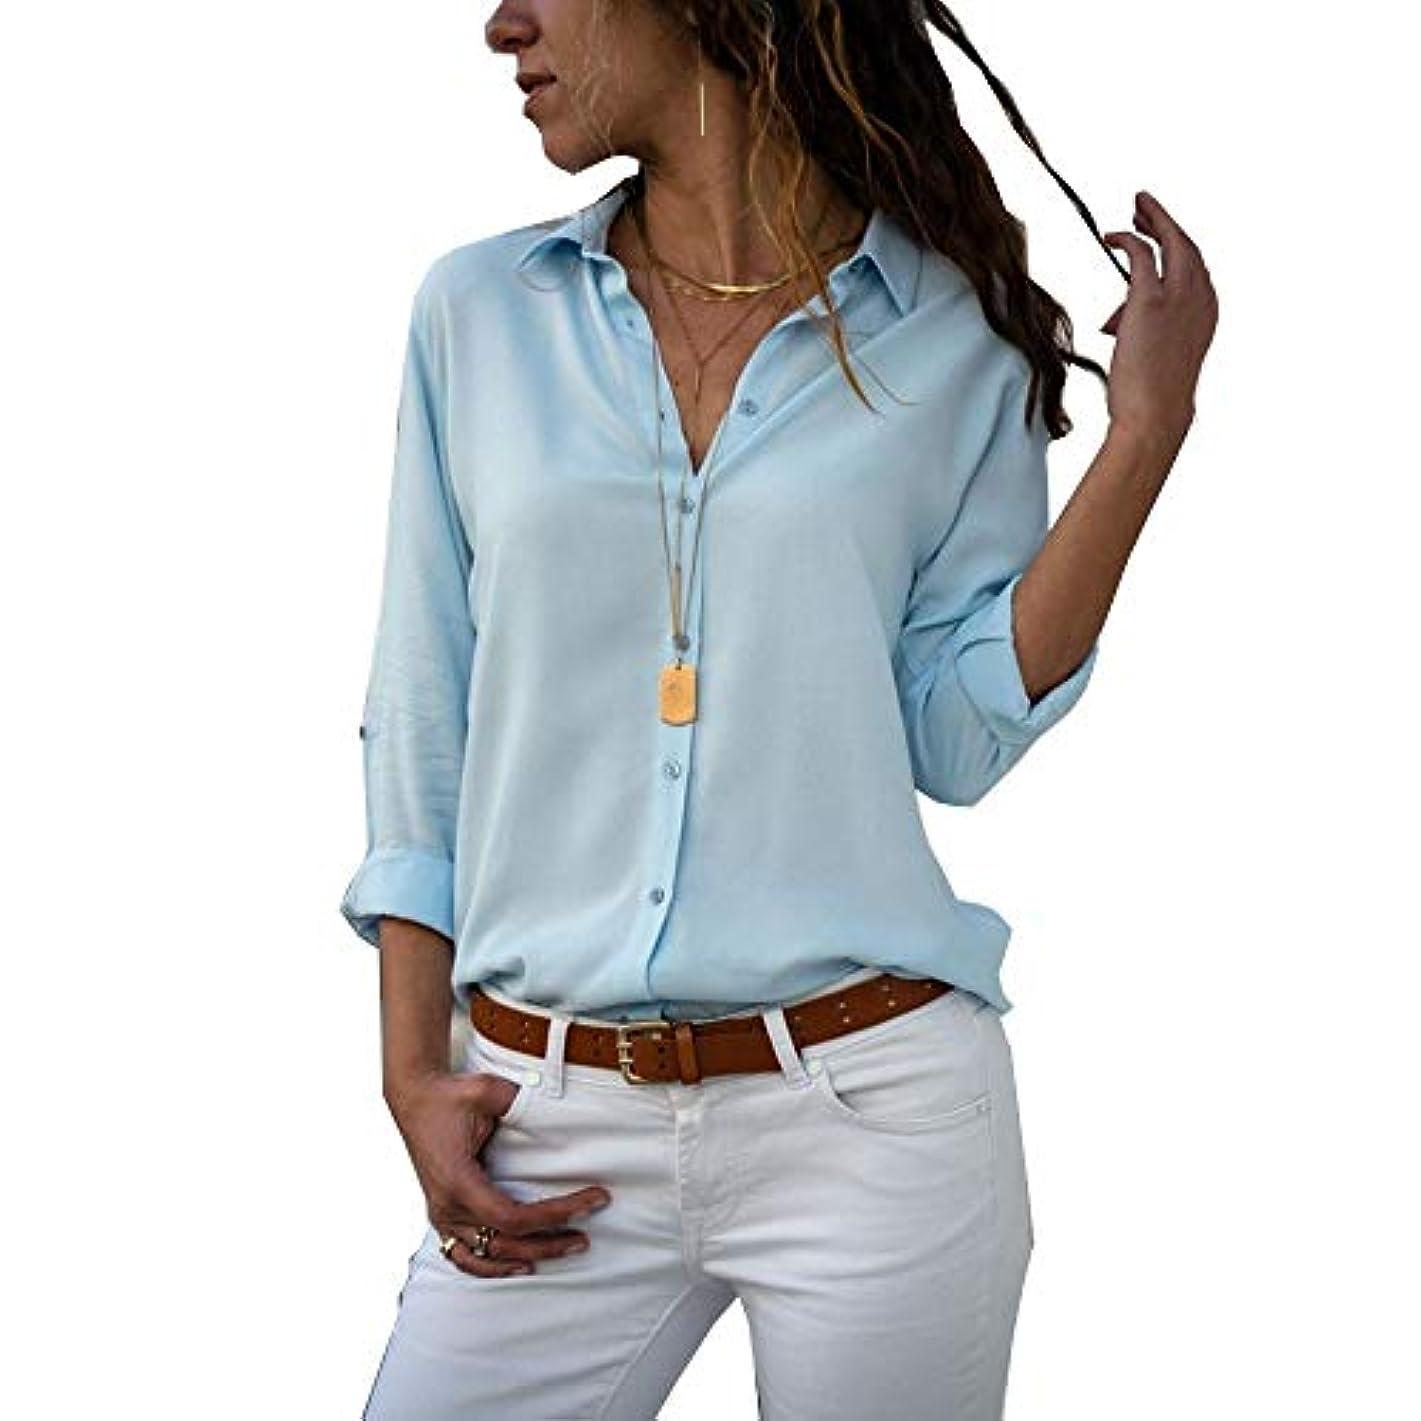 ごちそう再撮り値MIFAN ルーズシャツ、トップス&Tシャツ、プラスサイズ、トップス&ブラウス、シフォンブラウス、女性トップス、シフォンシャツ